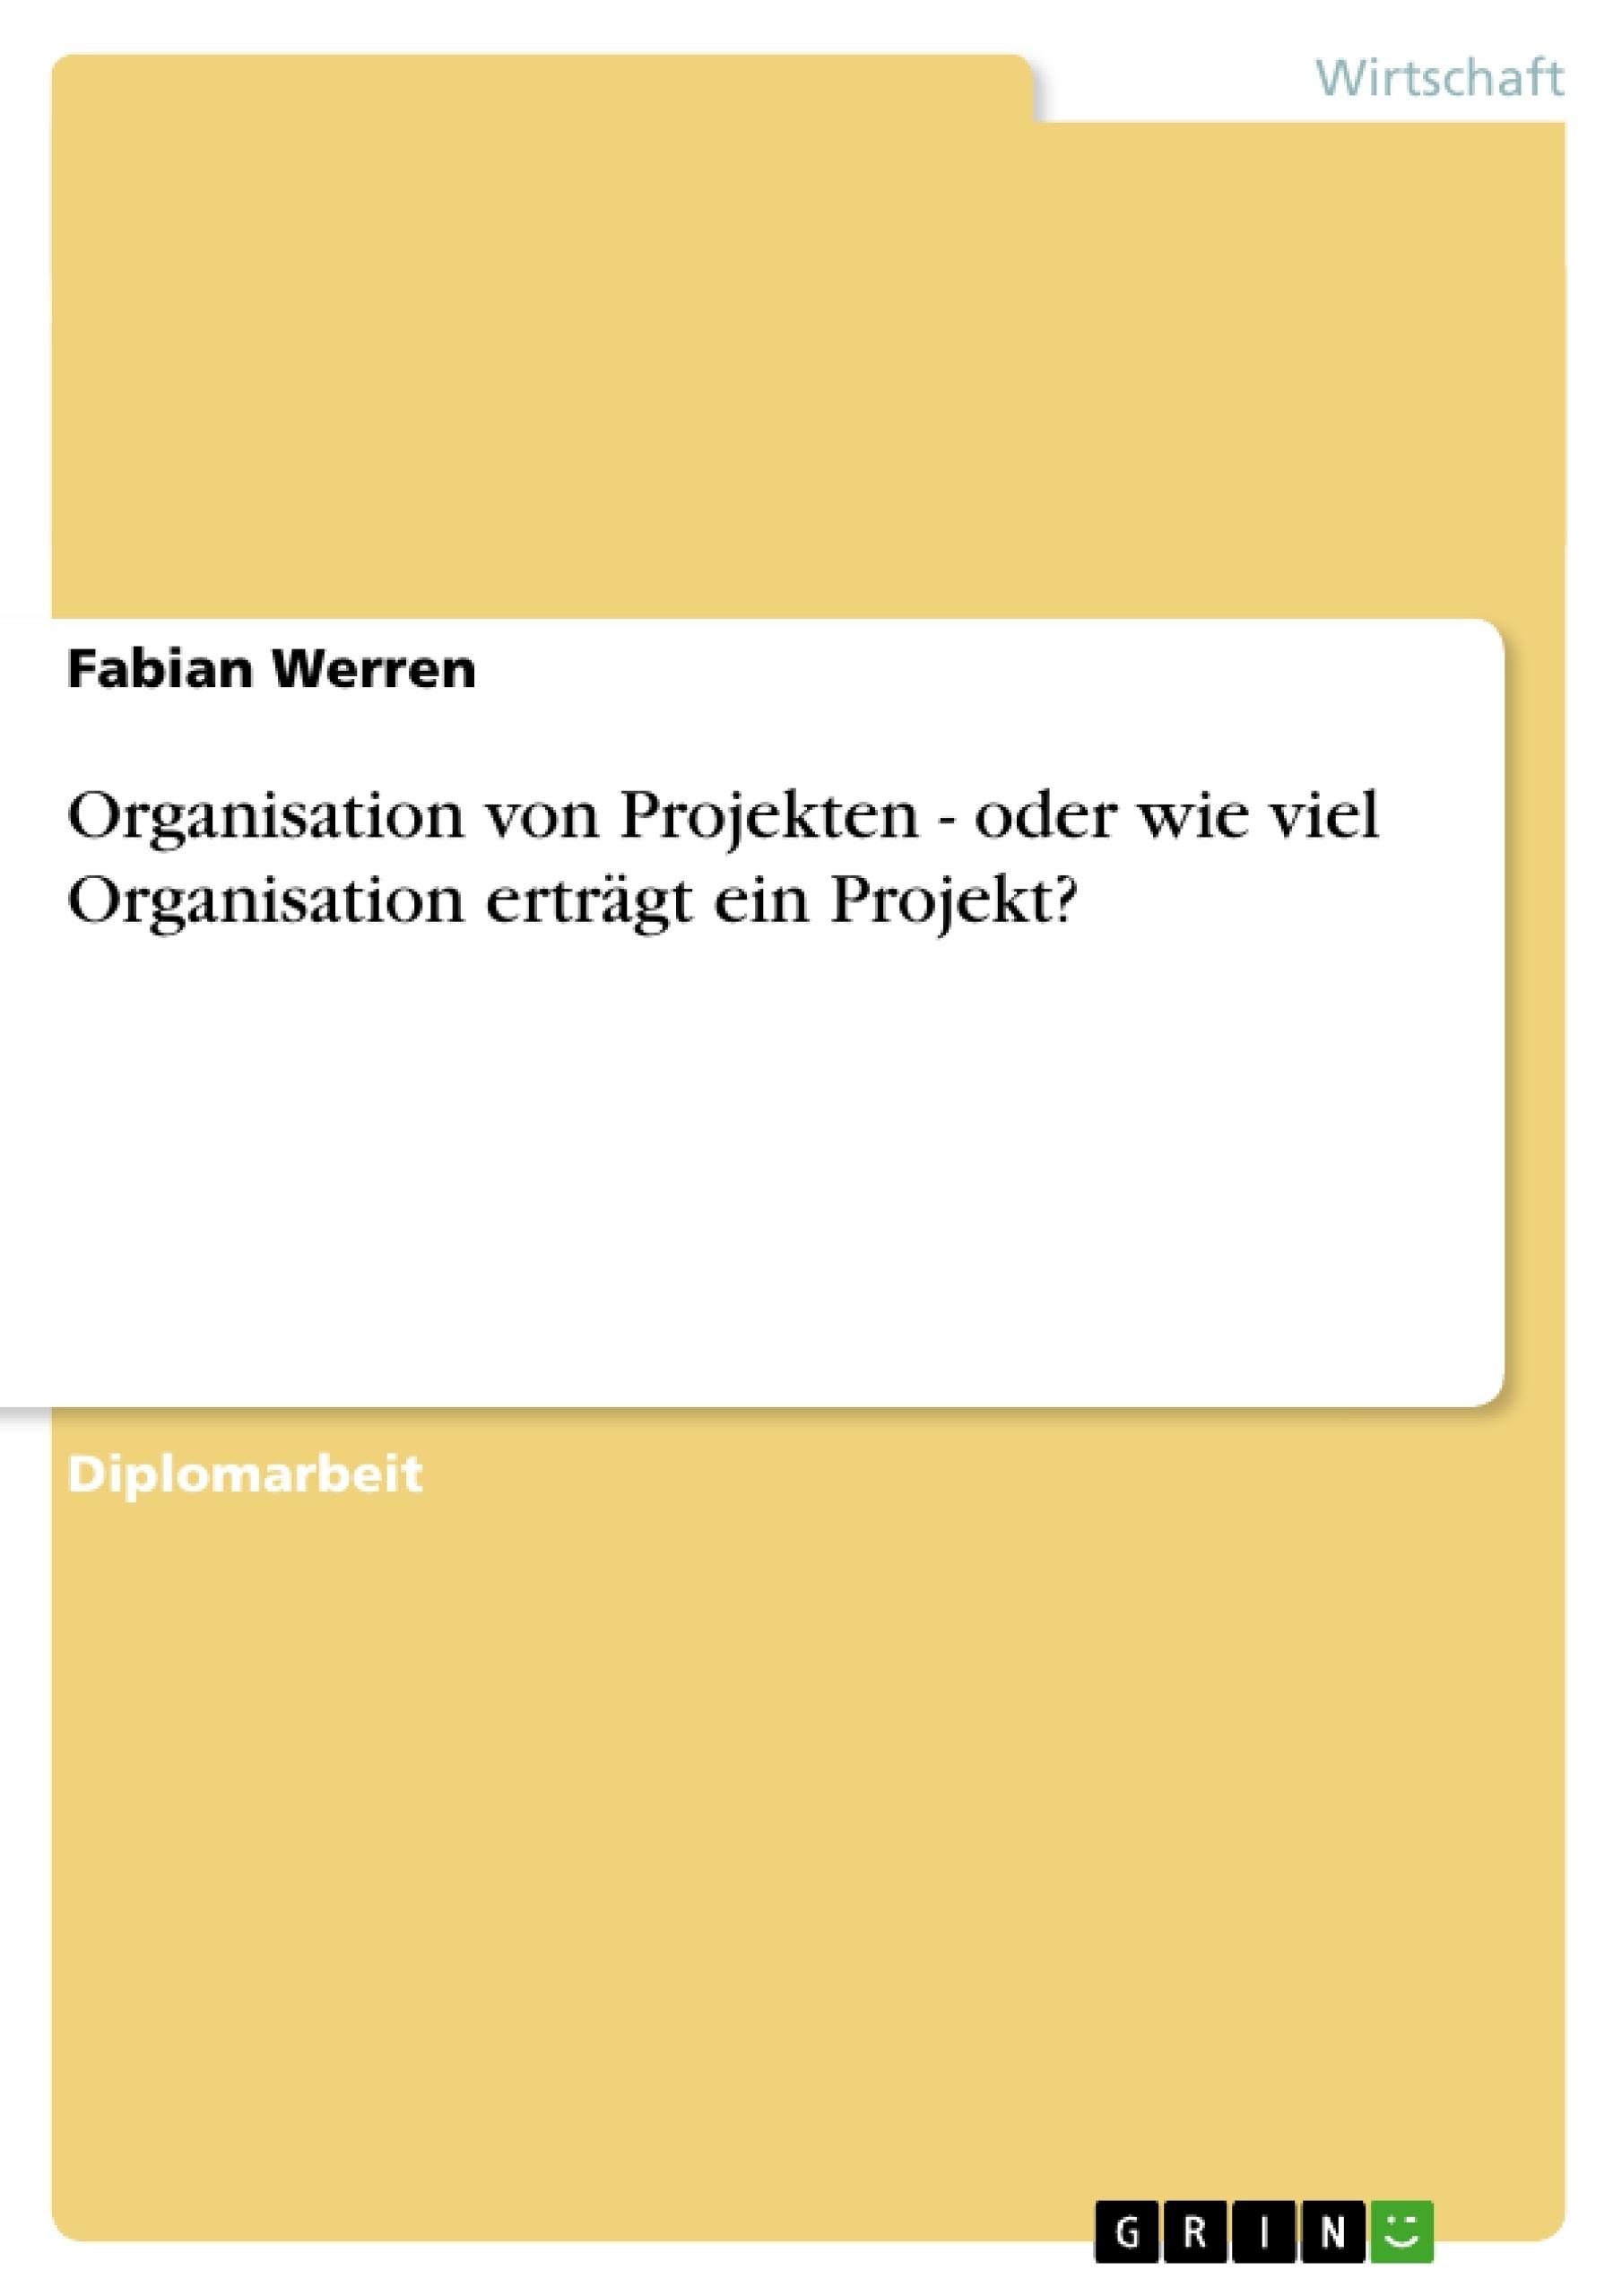 Titel: Organisation von Projekten - oder wie viel Organisation erträgt ein Projekt?